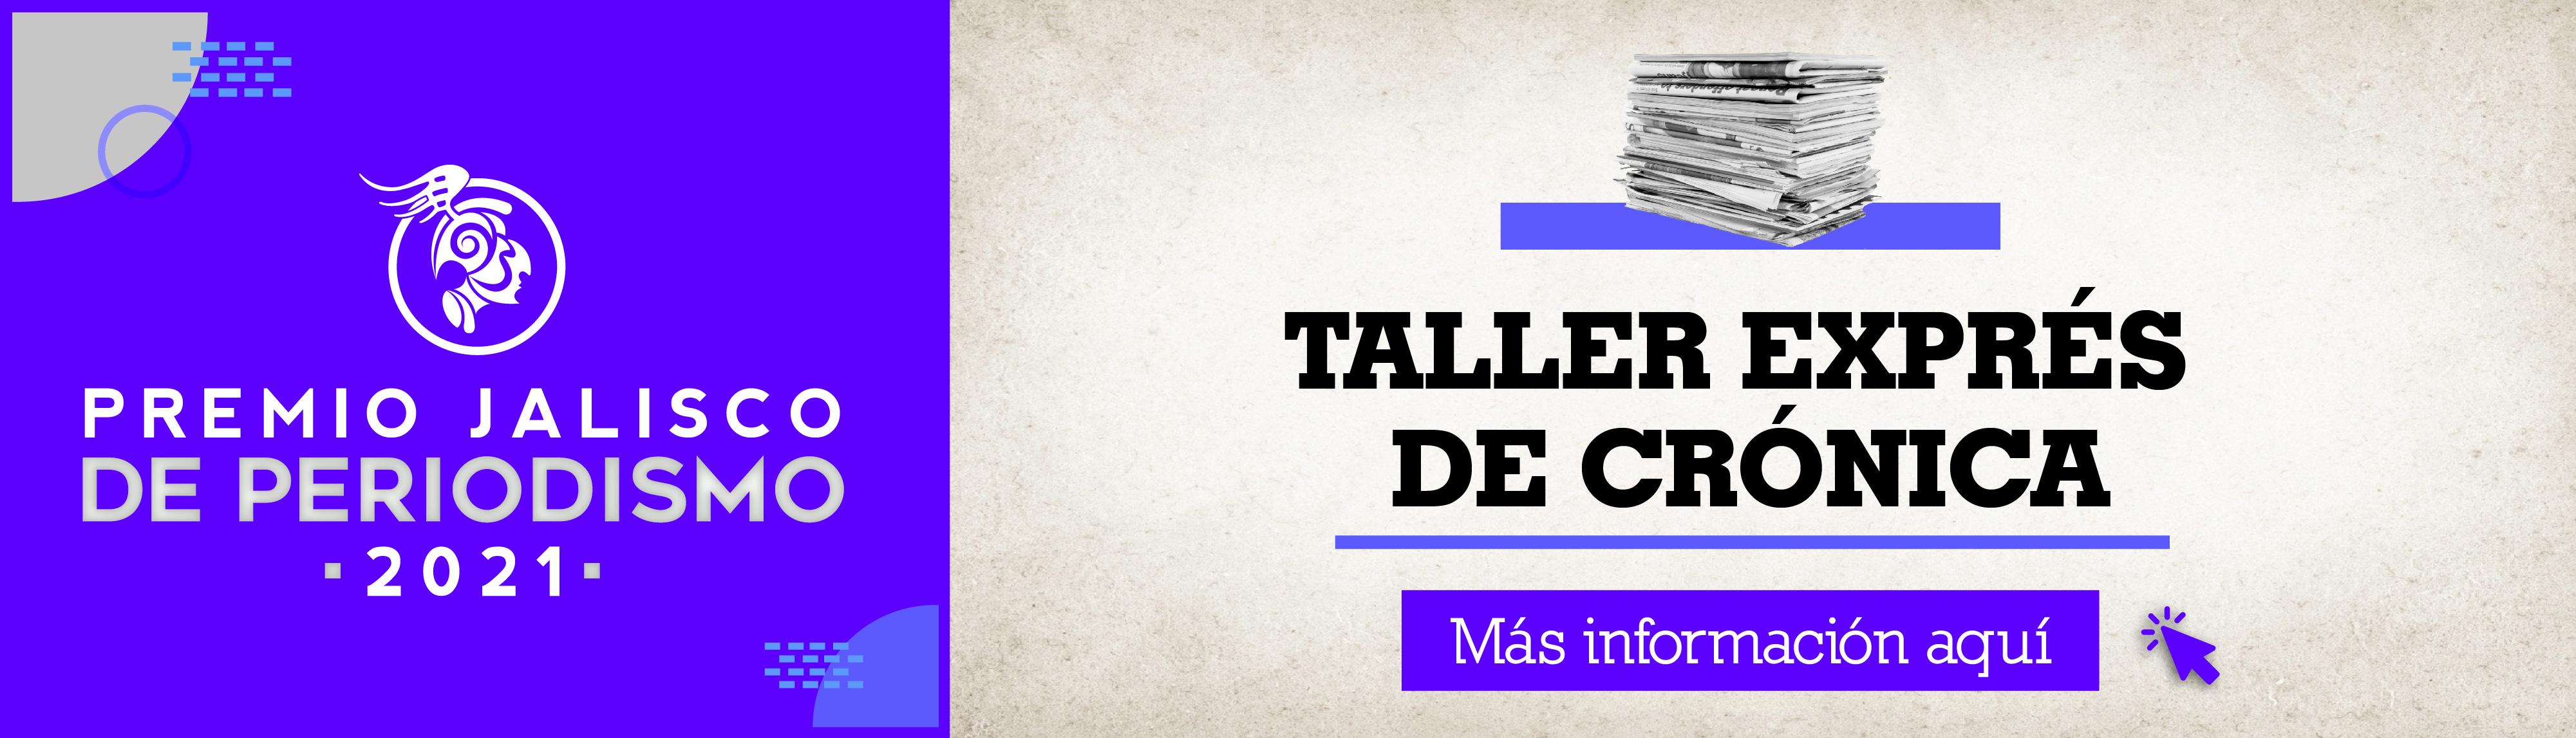 Taller Exprés de Crónica para periodistas de Jalisco